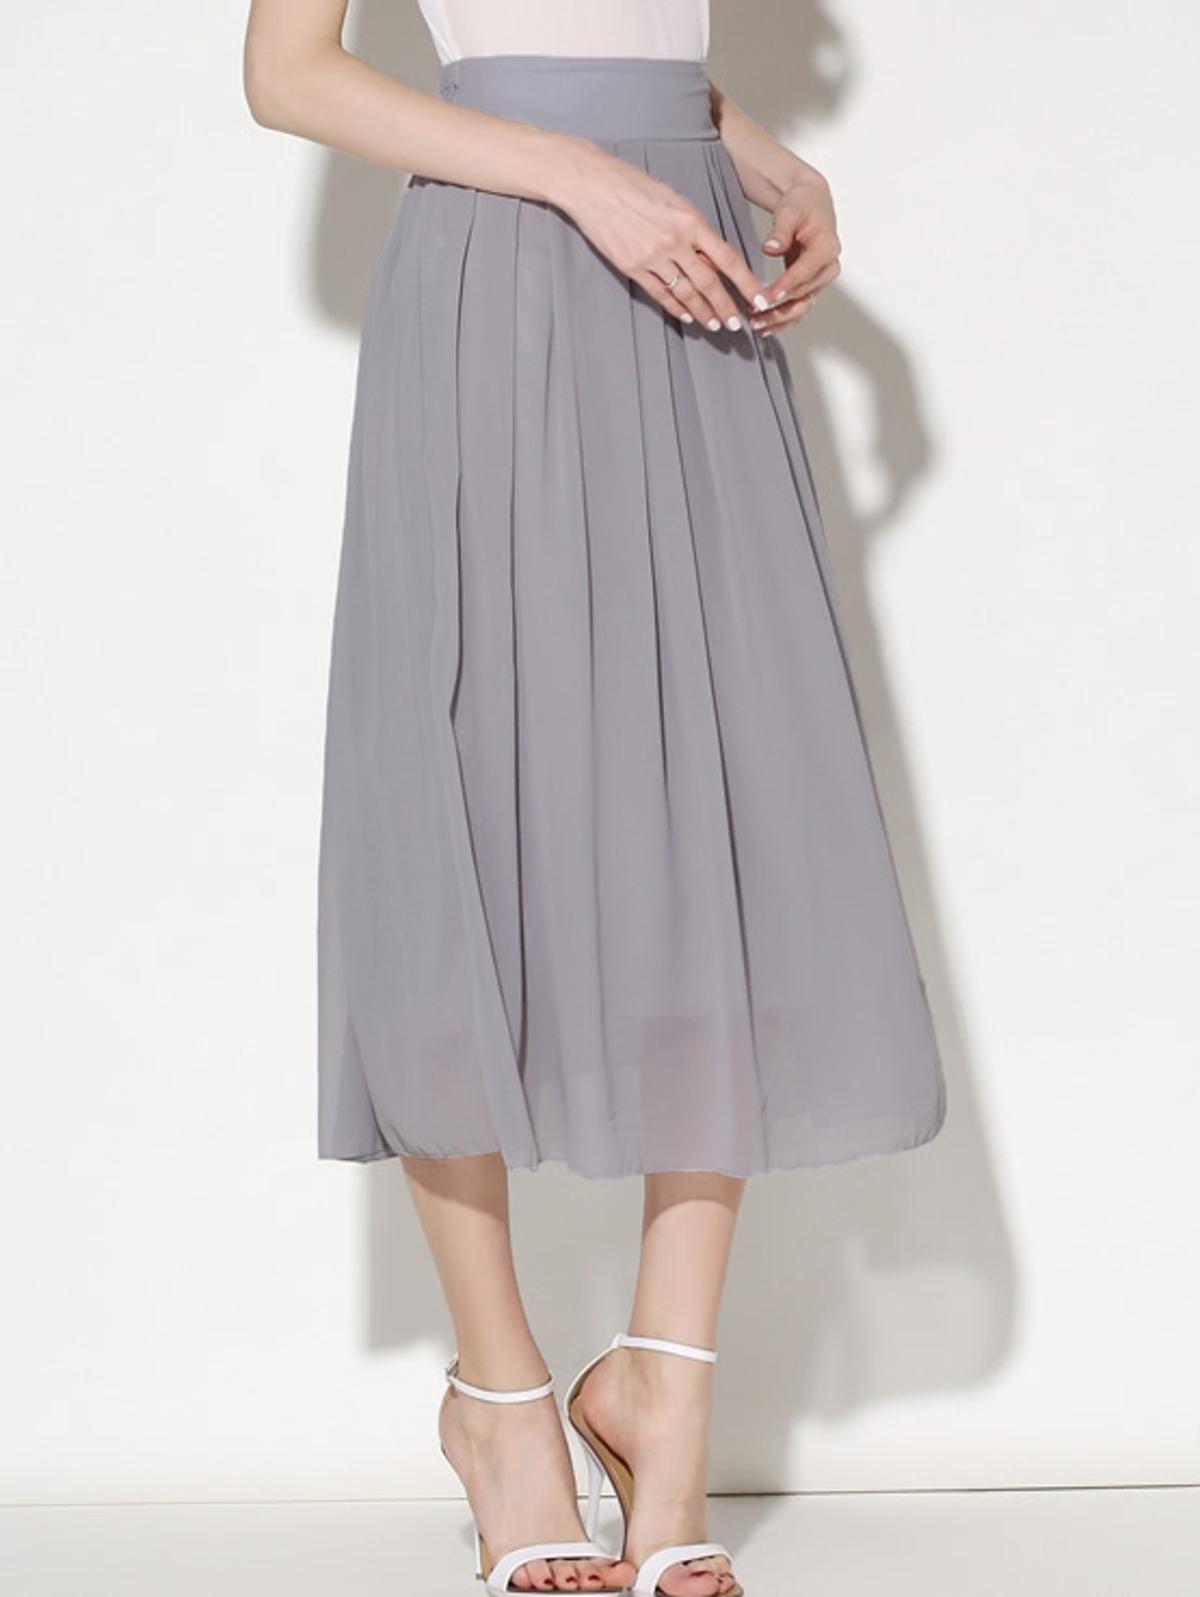 灰色 彈性腰 透明薄紗 打褶裙子